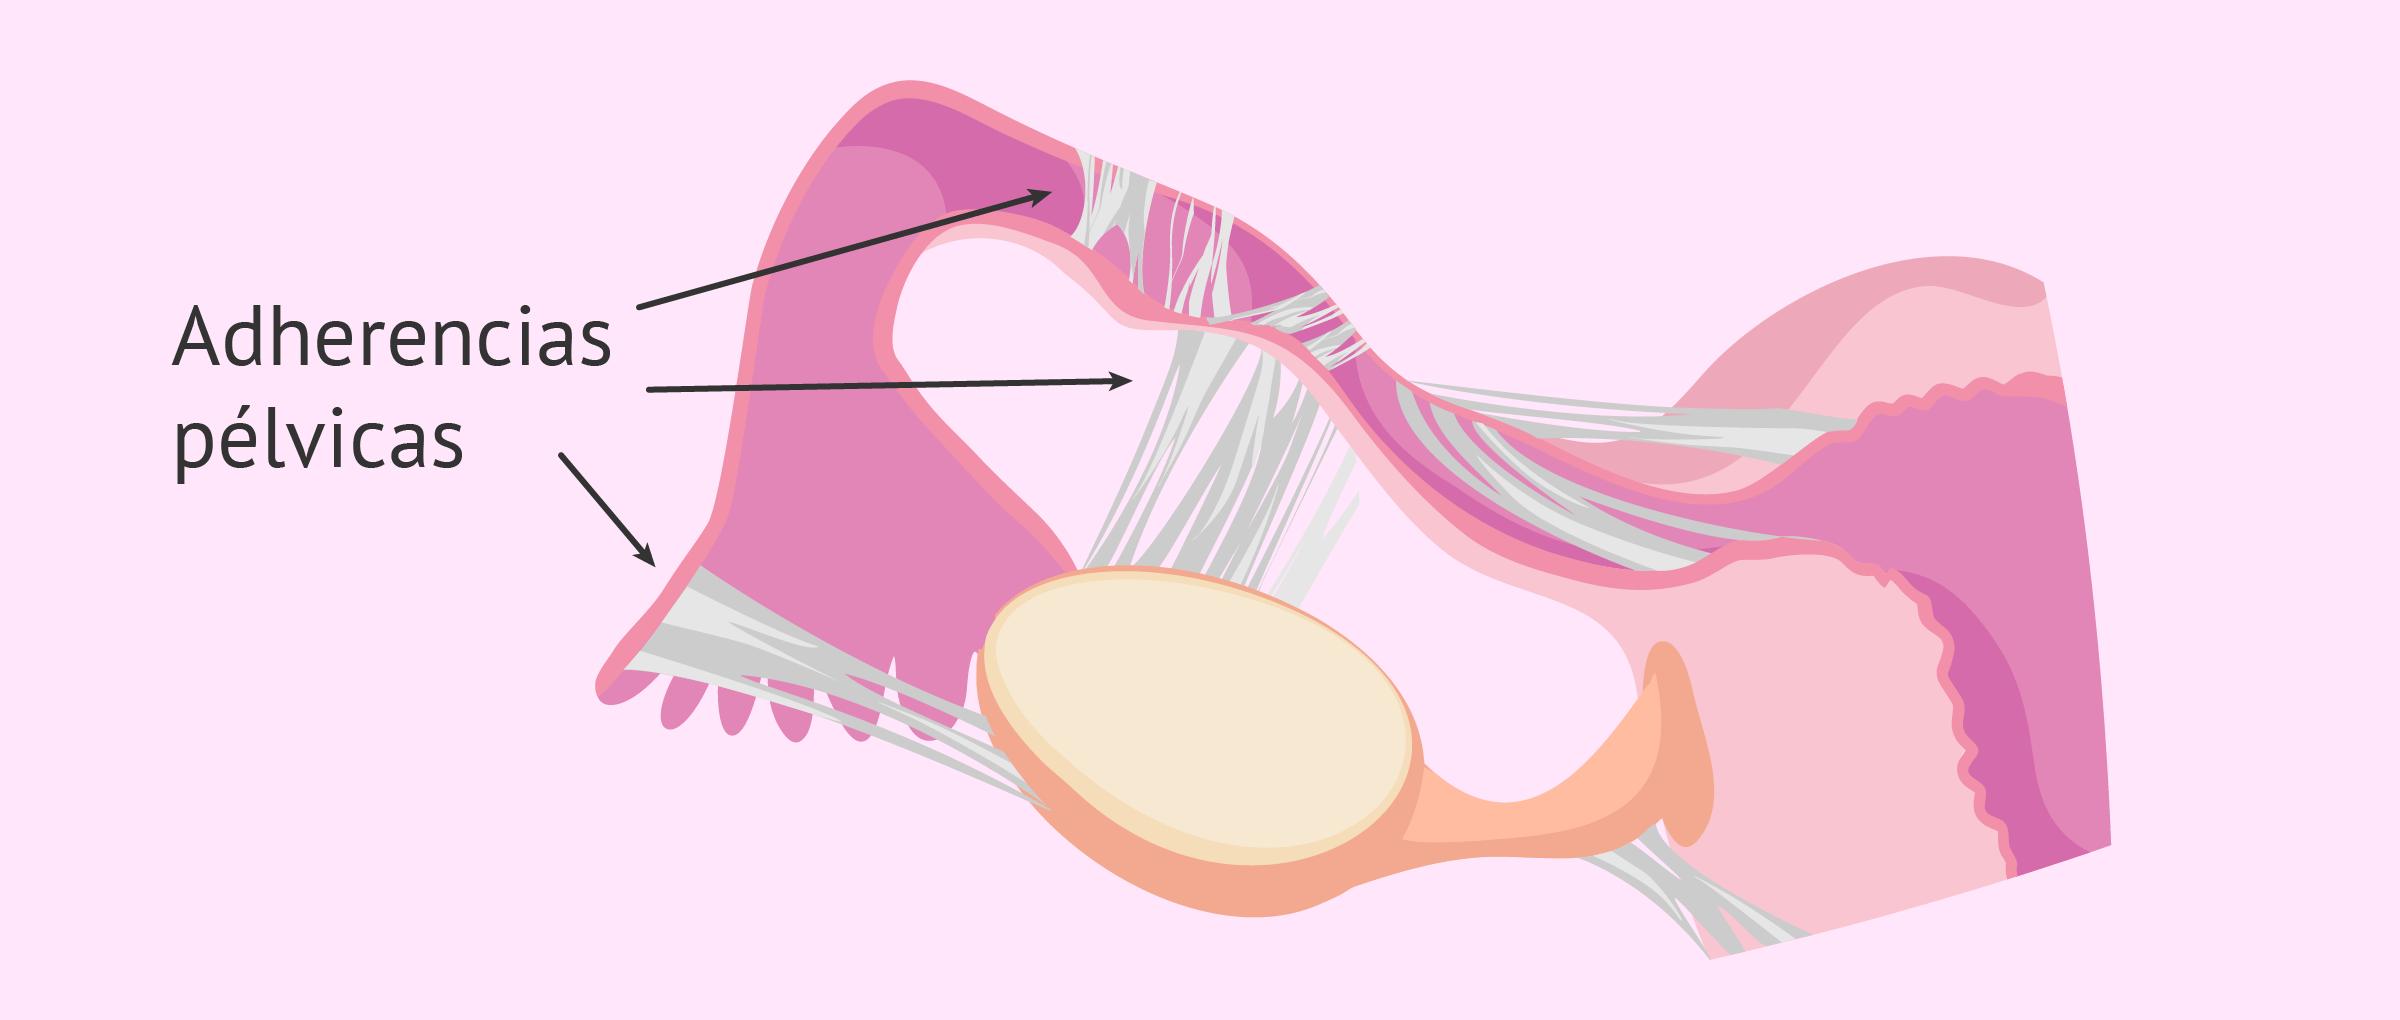 Obstrucción de trompas de Falopio: causas, diagnóstico y tratamiento